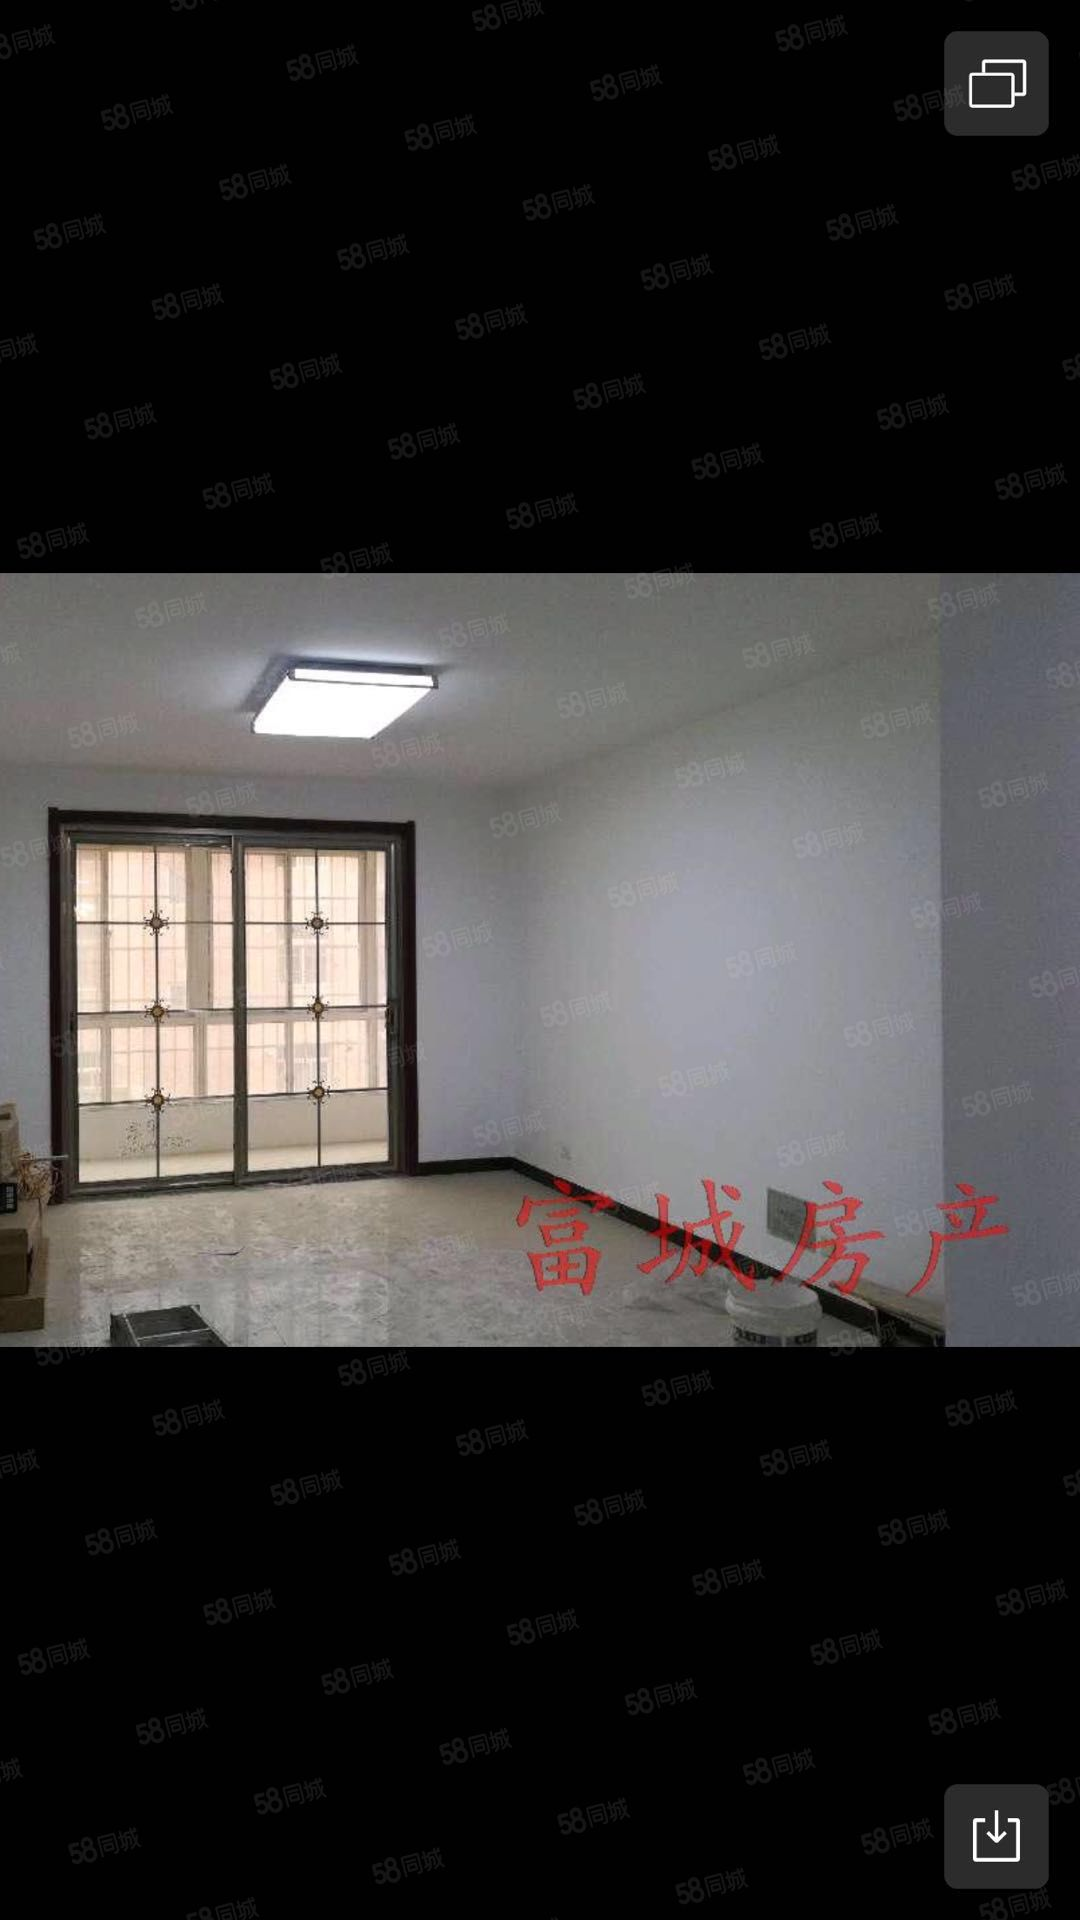 出售祥和新苑大两室简装房